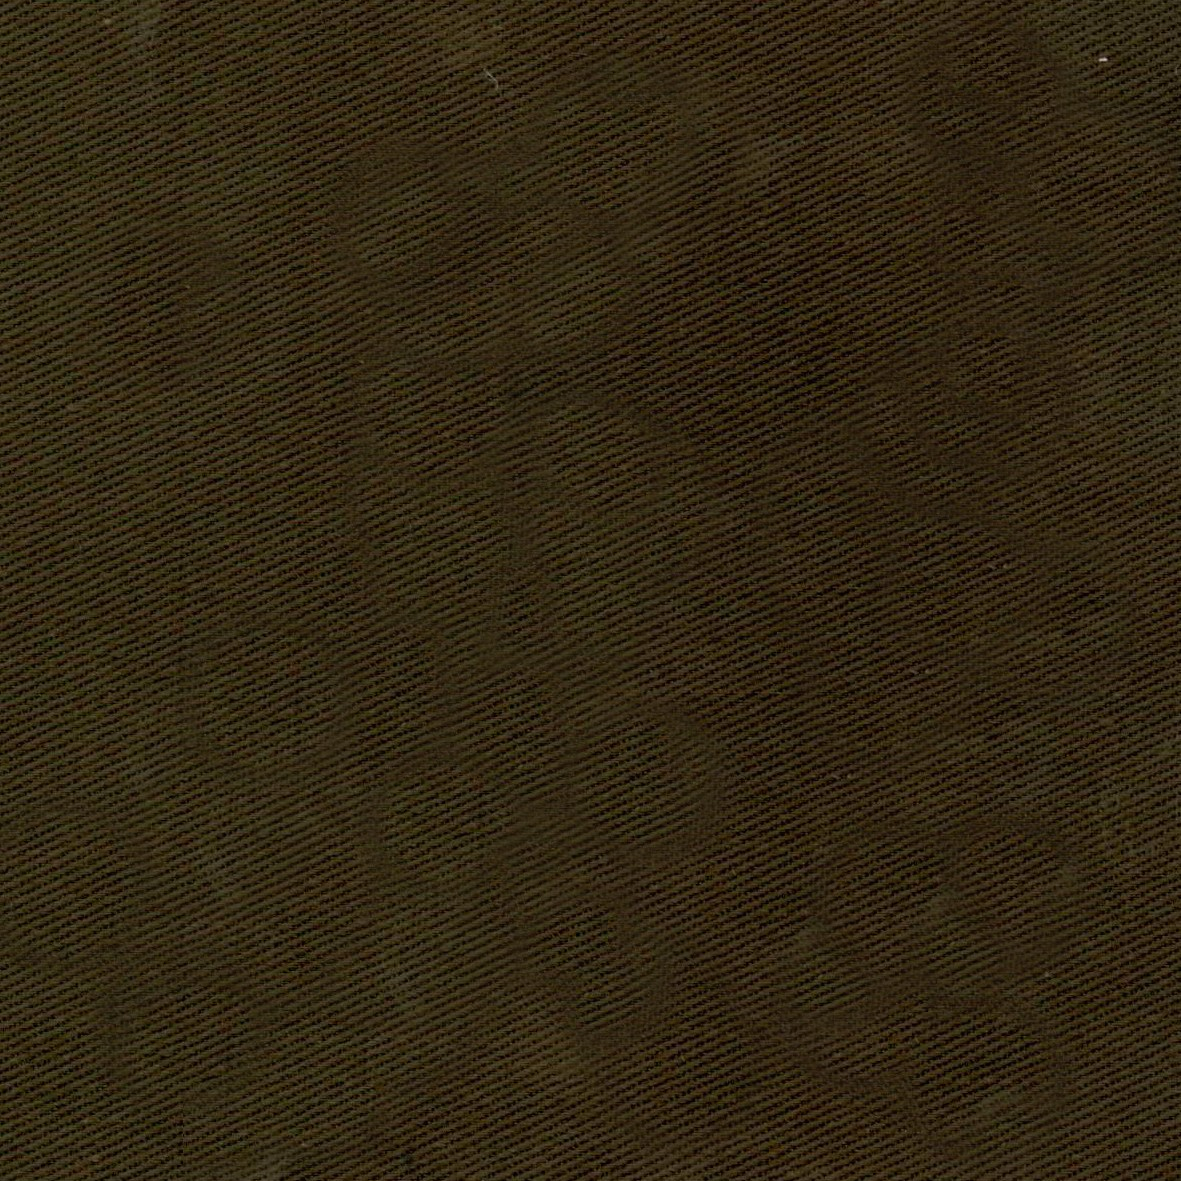 915-Brązowy